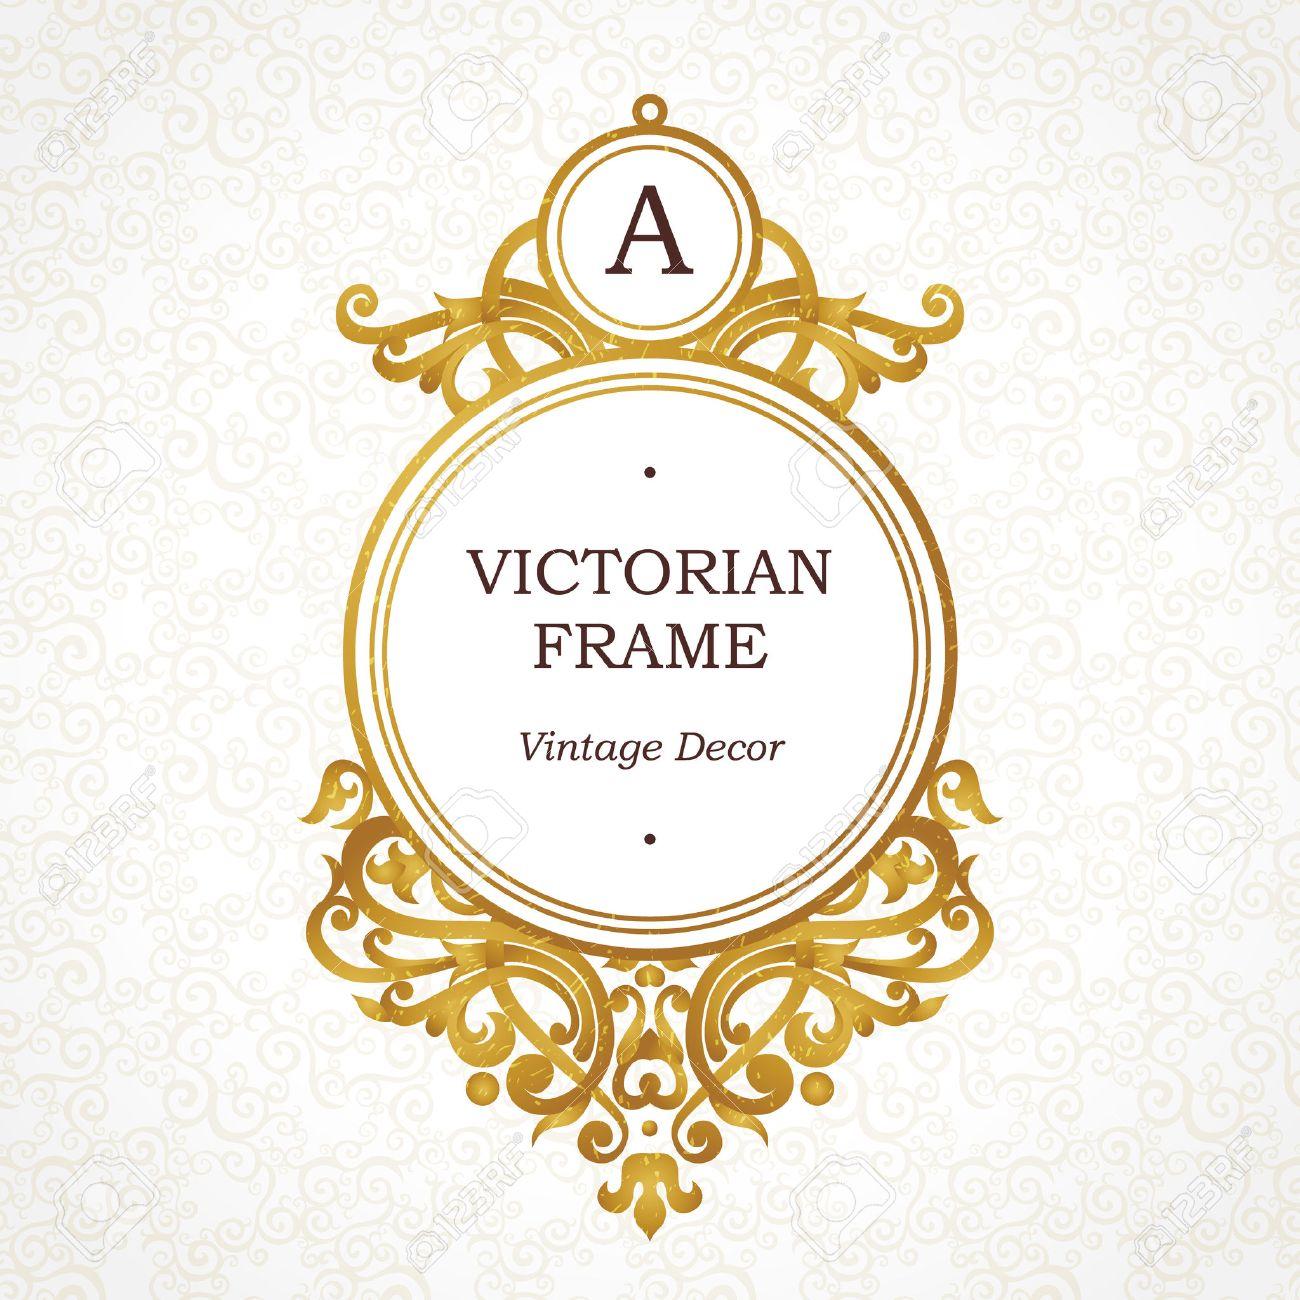 Vector Marco Dorado En Estilo Victoriano Elemento Adornado Para El Diseño Lugar Para El Nombre De La Empresa Y El Eslogan Ornamento Viñeta Floral